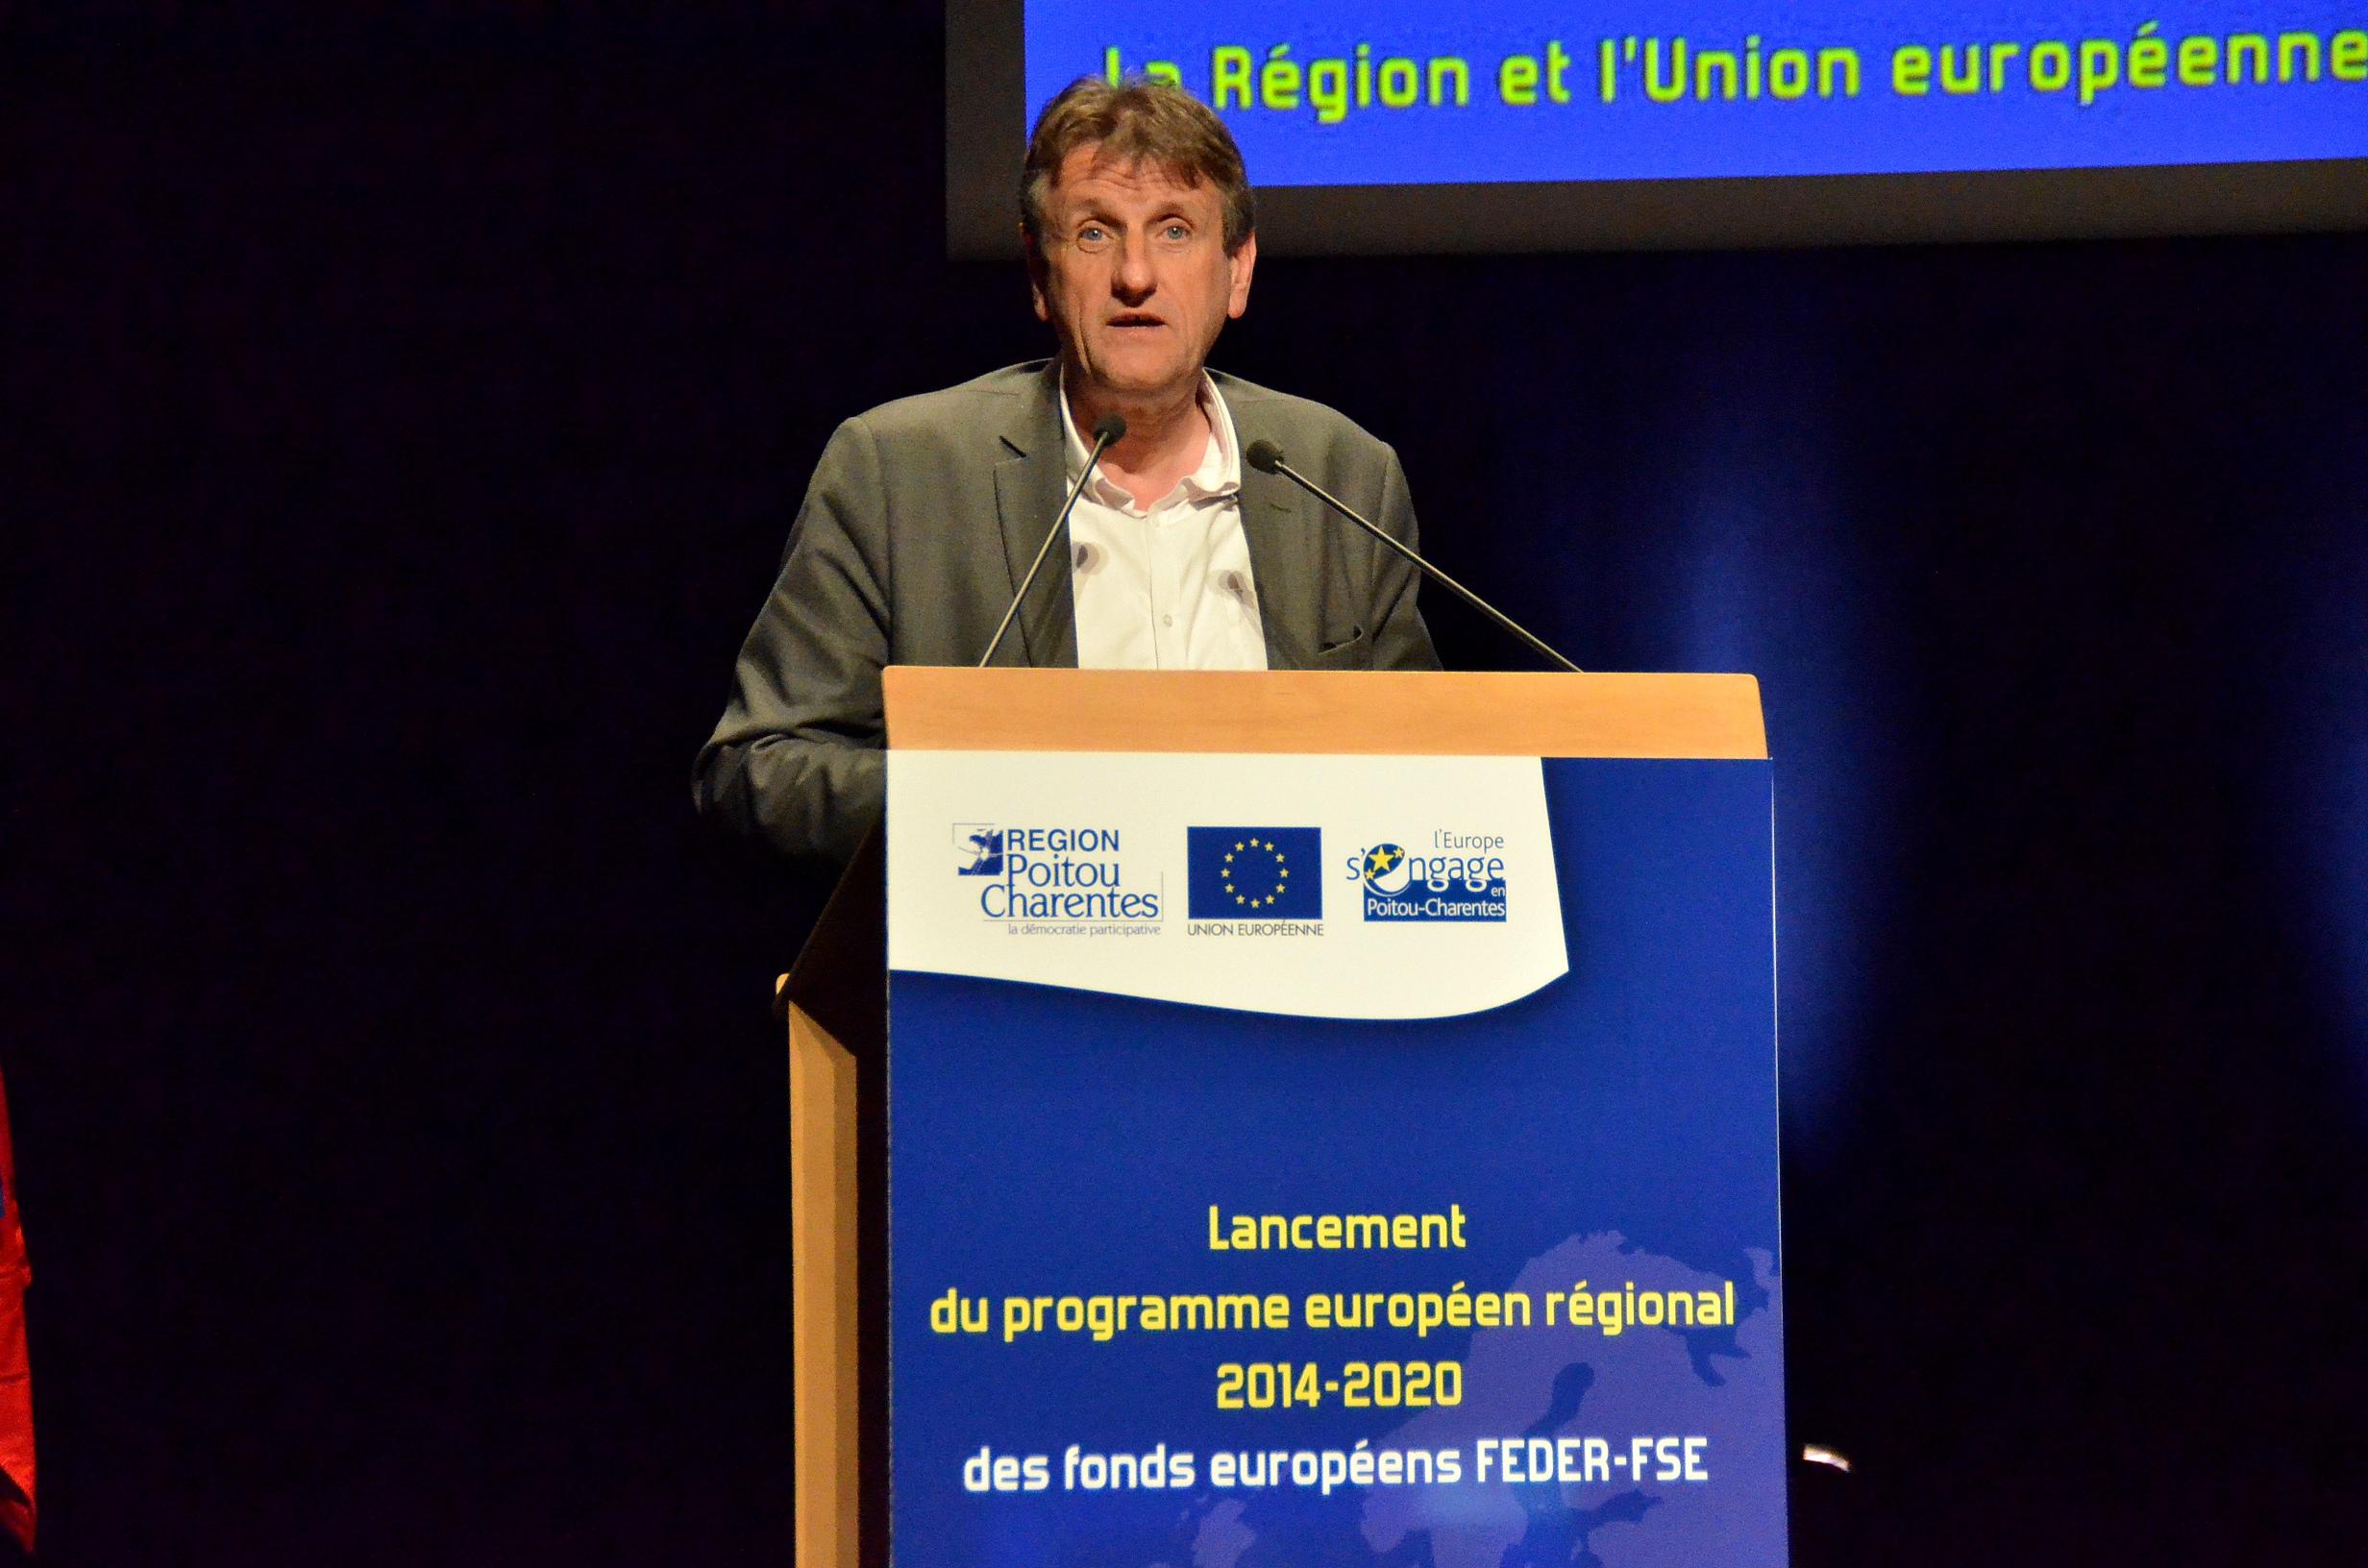 JFM fonds europeen